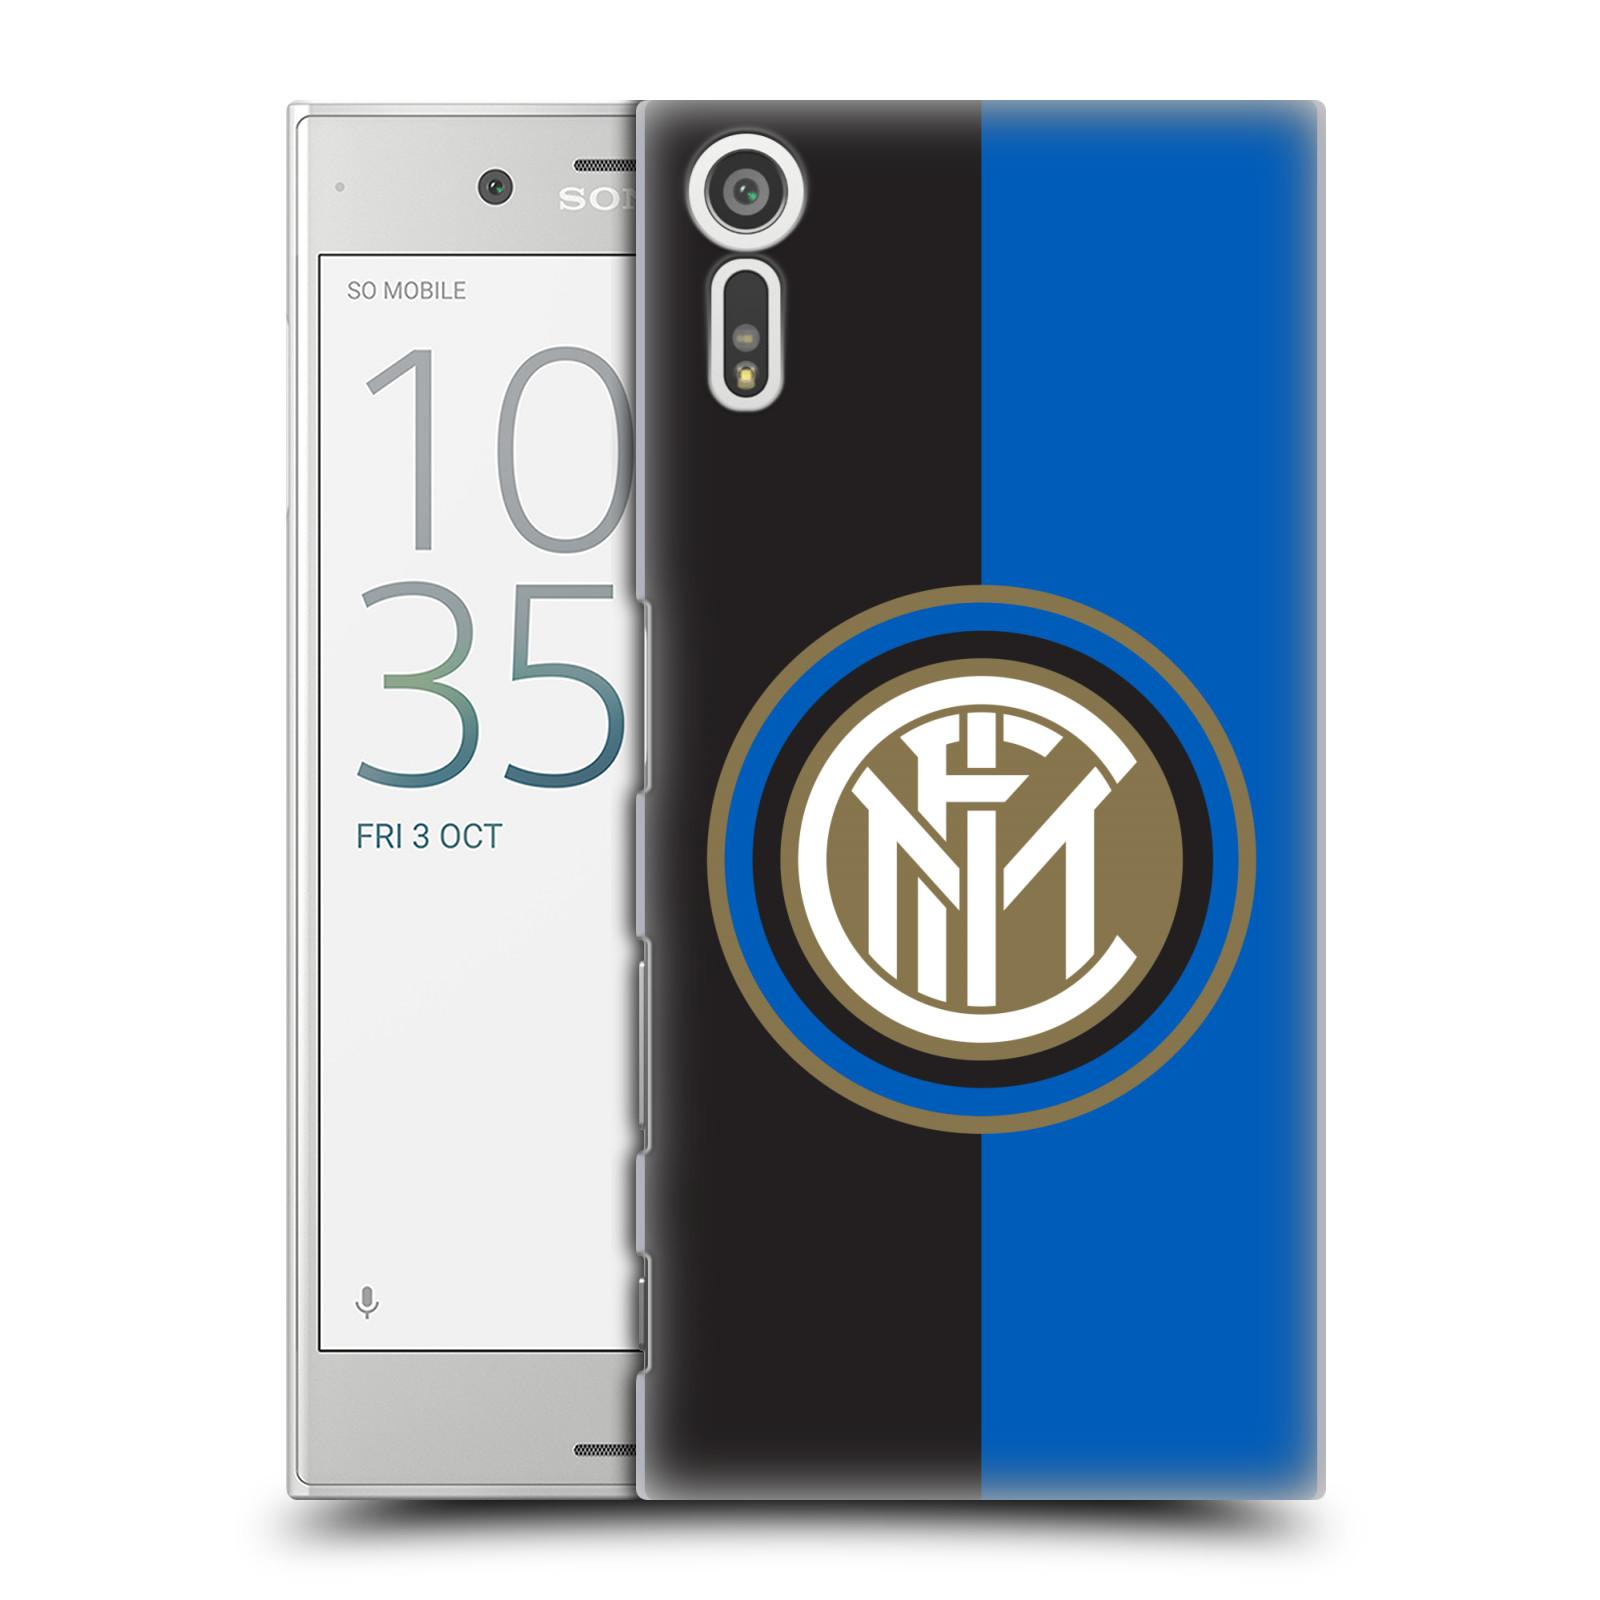 Plastové pouzdro na mobil Sony Xperia XZ - Head Case - Inter Milan - Black and blue (Plastový kryt či obal na mobilní telefon s oficiálním licencovaným motivem Inter Milan - Black and blue pro Sony Xperia XZ F8331 / Sony Xperia XZ Dual F8332)